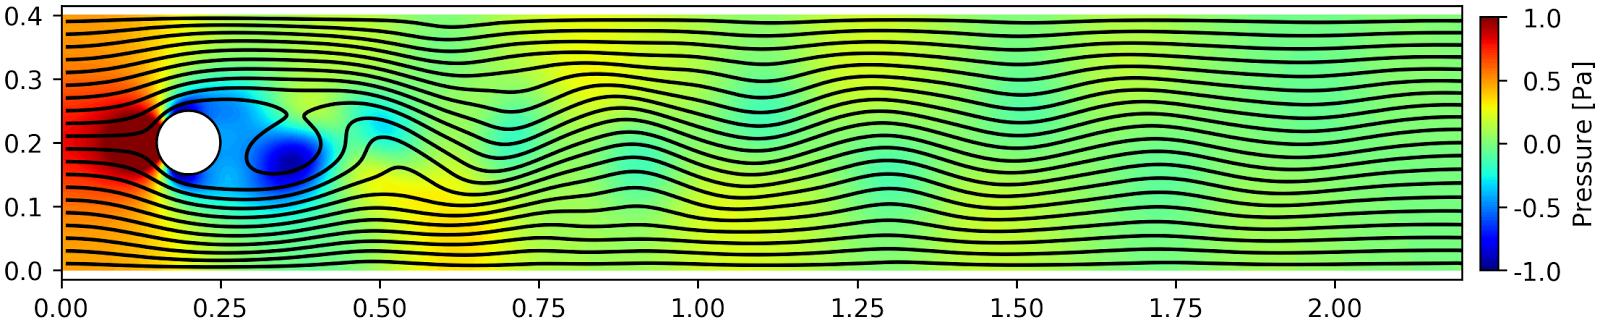 ほげおのクラフト: Python + Matplotlib pyplot でカルマン渦(気流)を